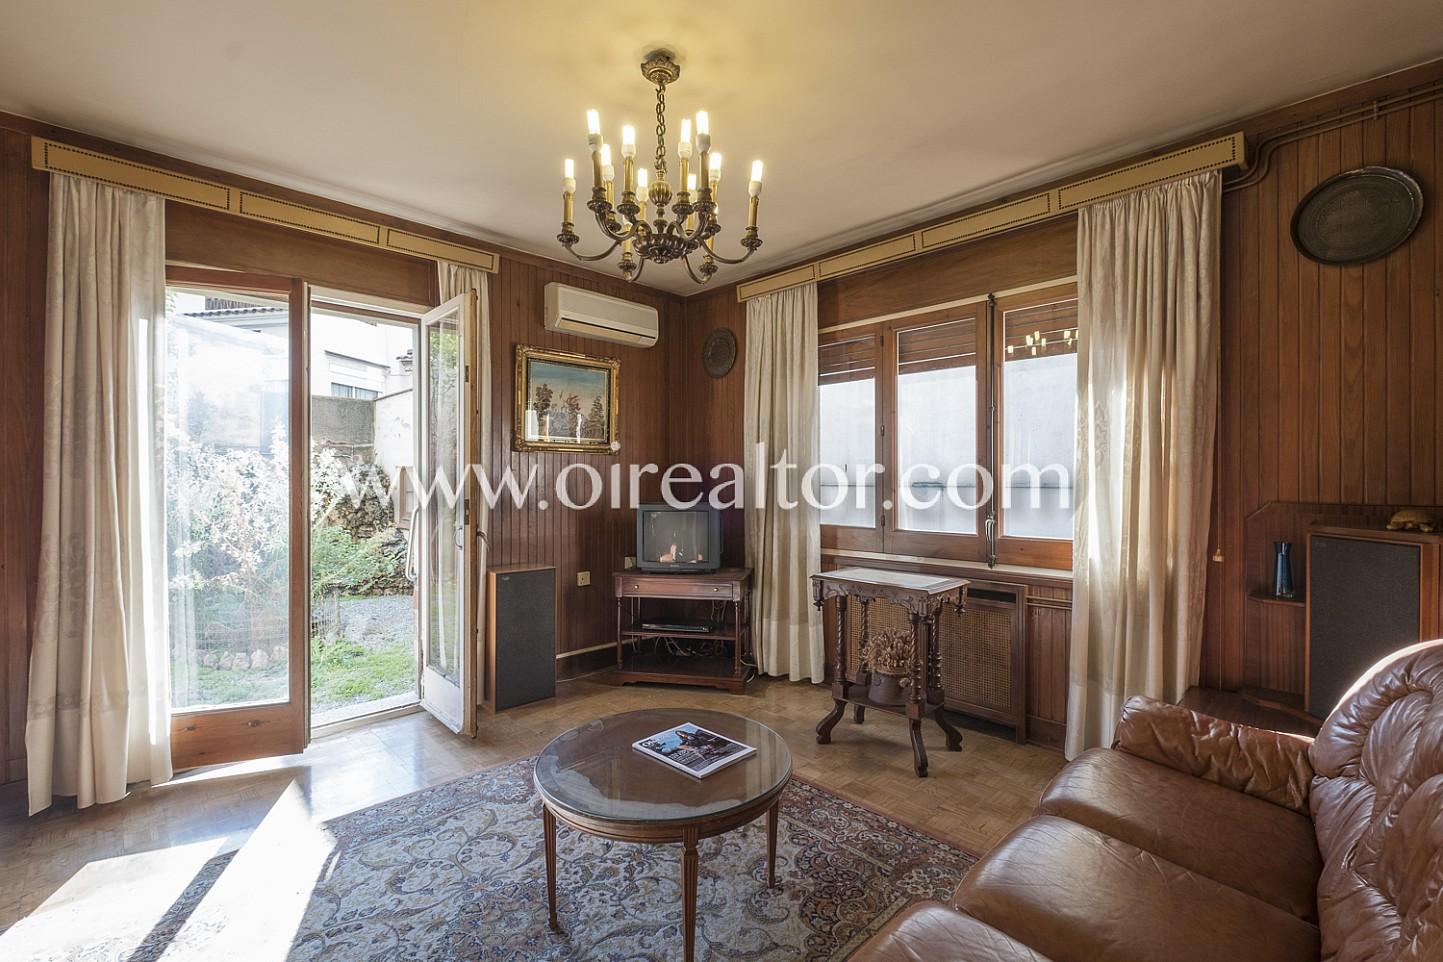 salón, salón comedor, sofá, lámpara, salón clásico, salón señorial